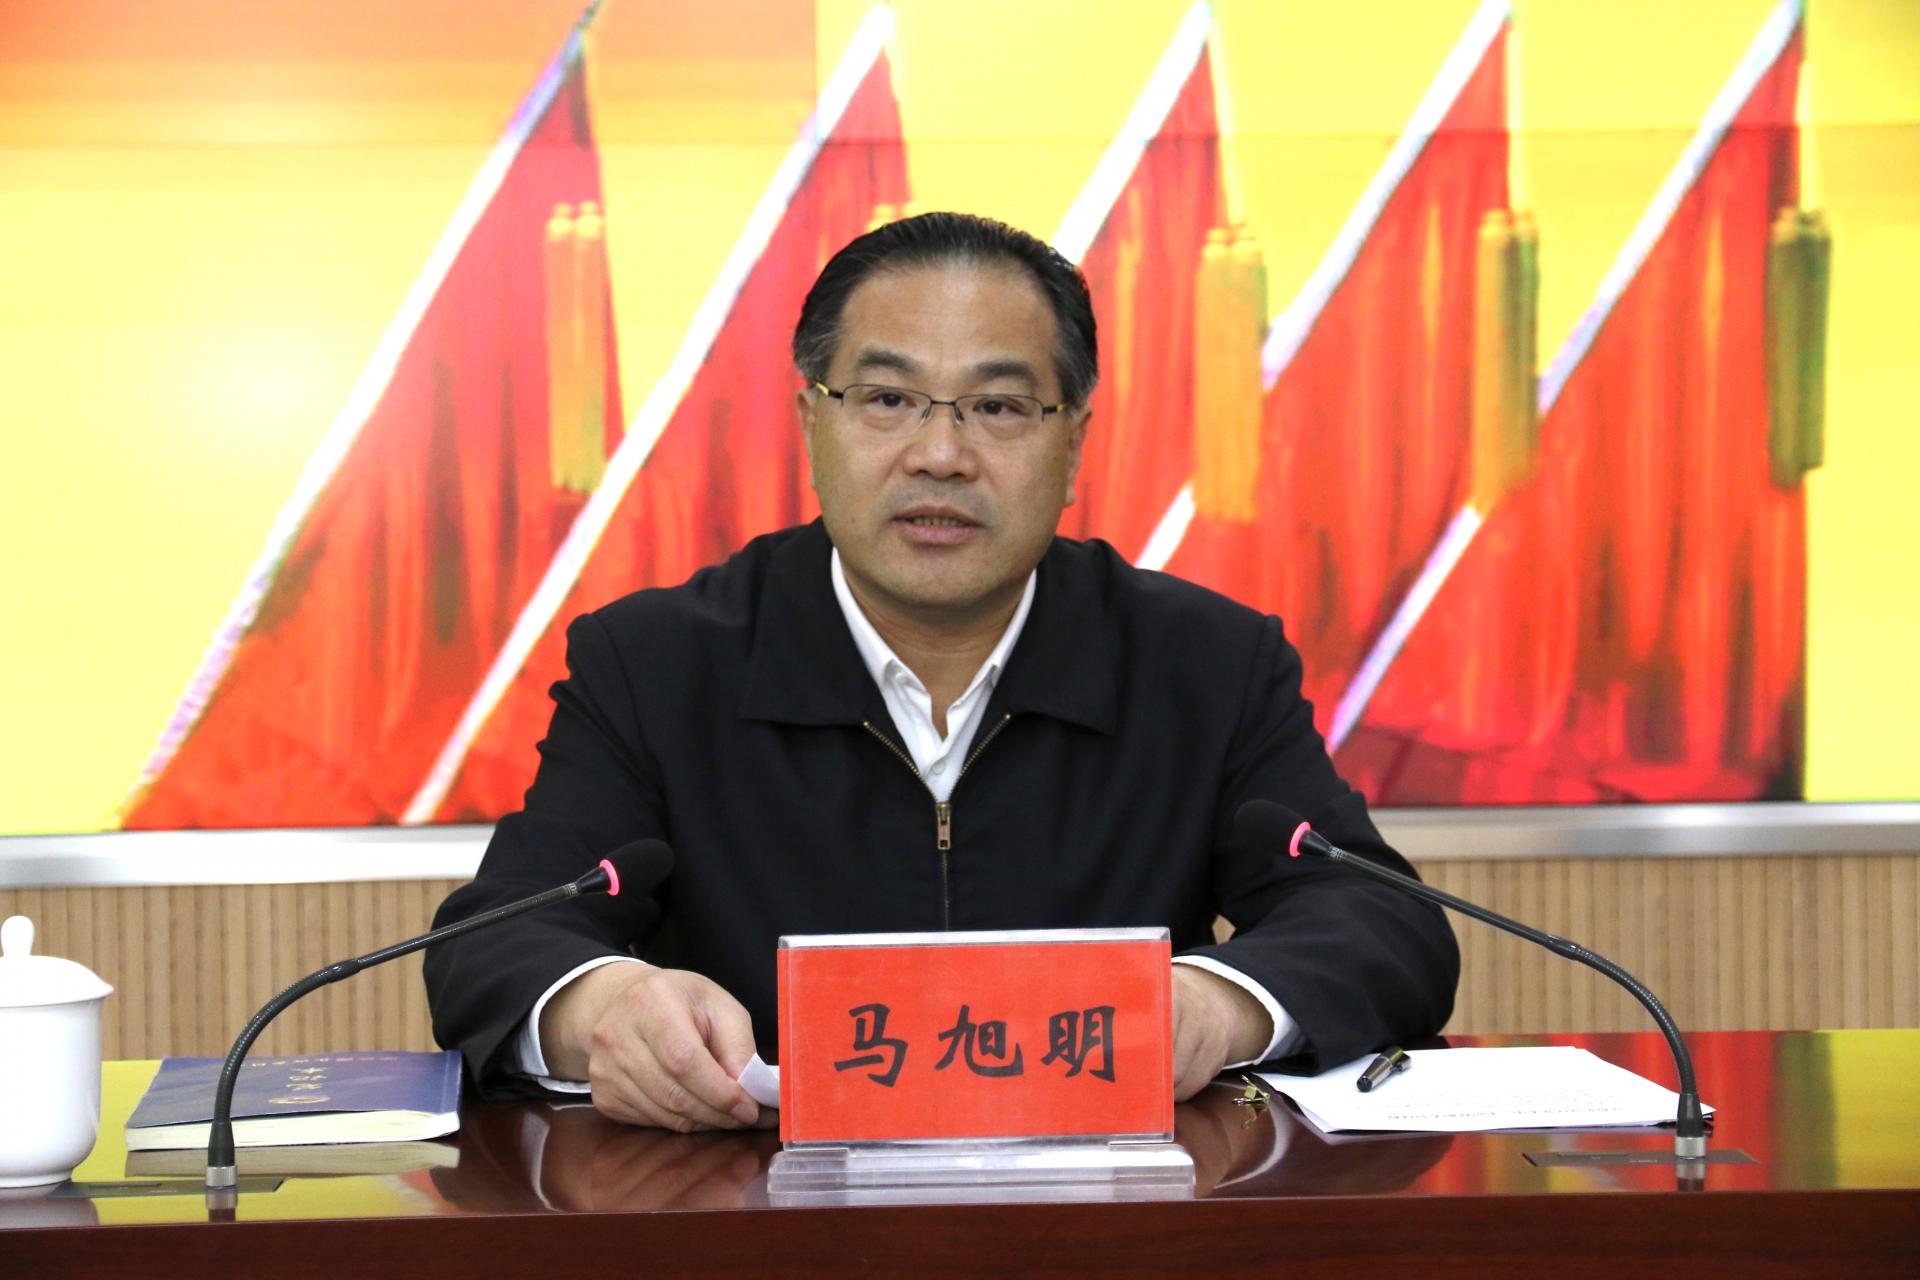 马旭明任襄阳军分区党委第一书记